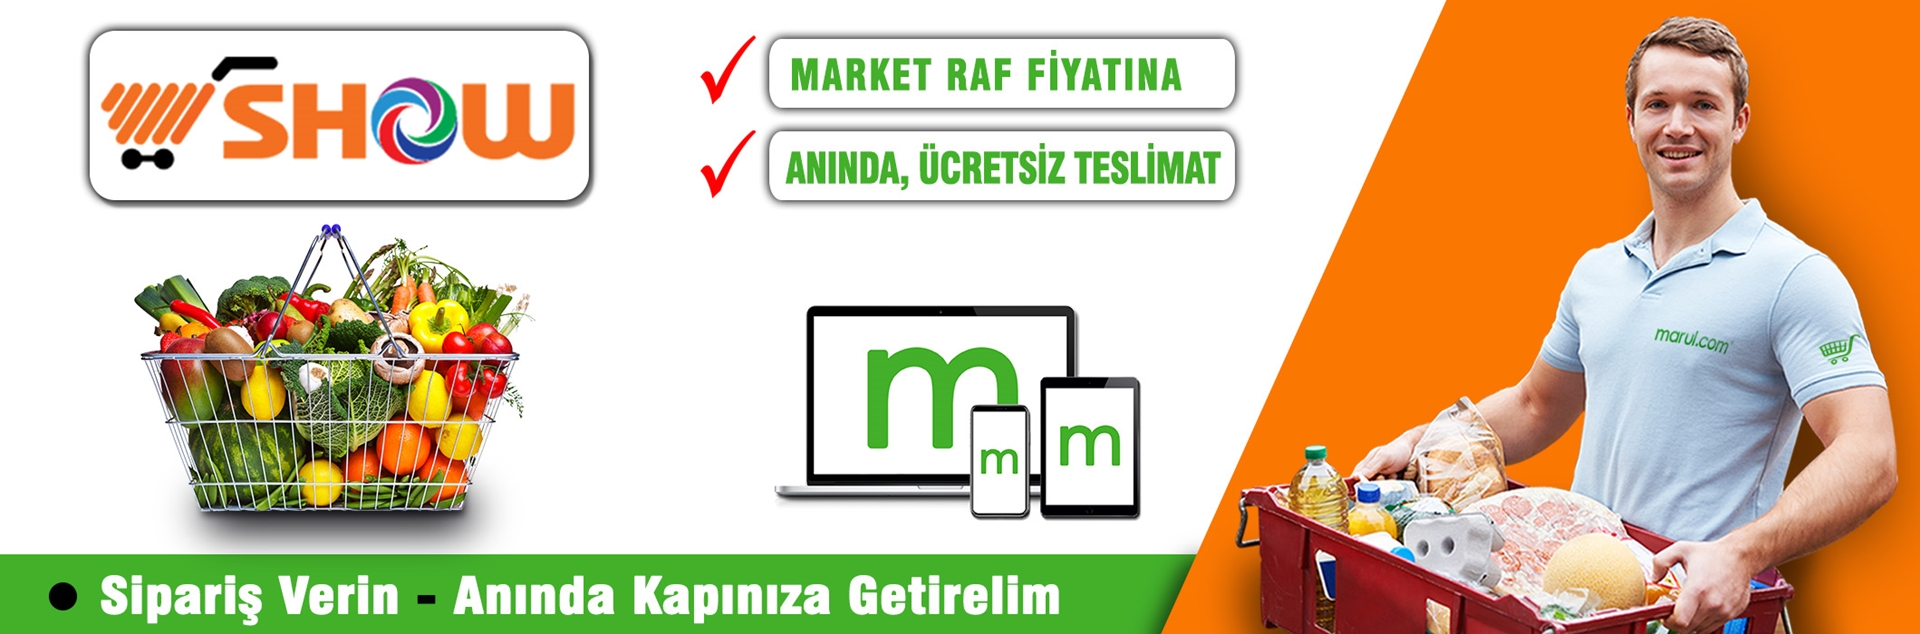 show hipermarketleri online market siparişi